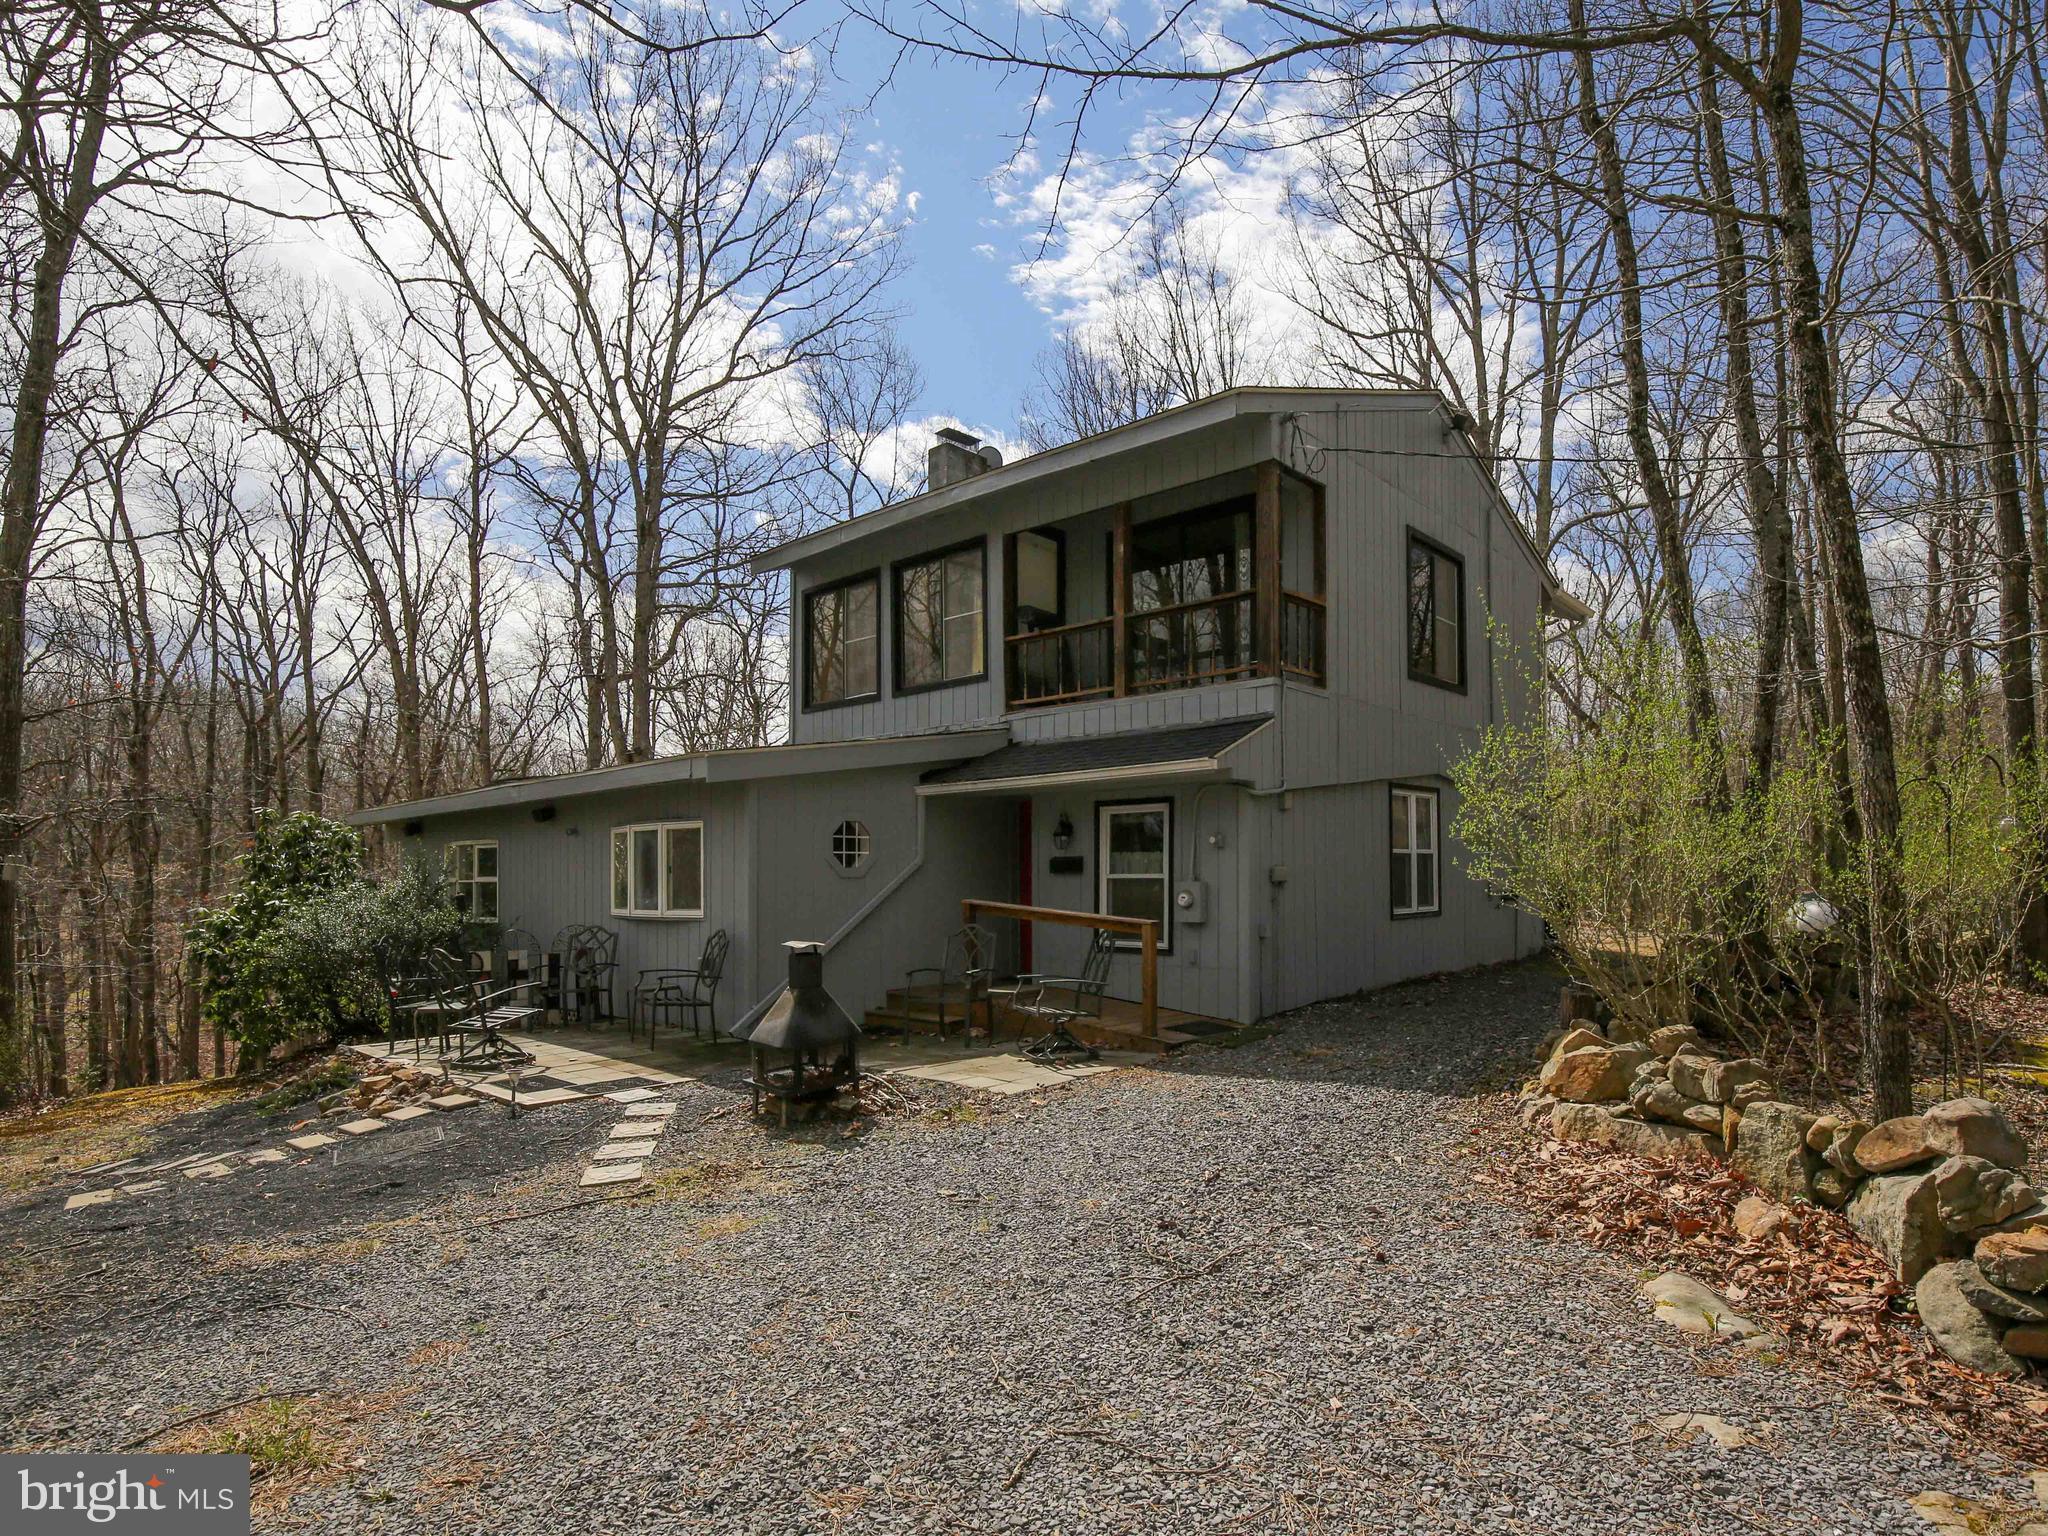 414 Warden Hollow West, Wardensville, WV 26851